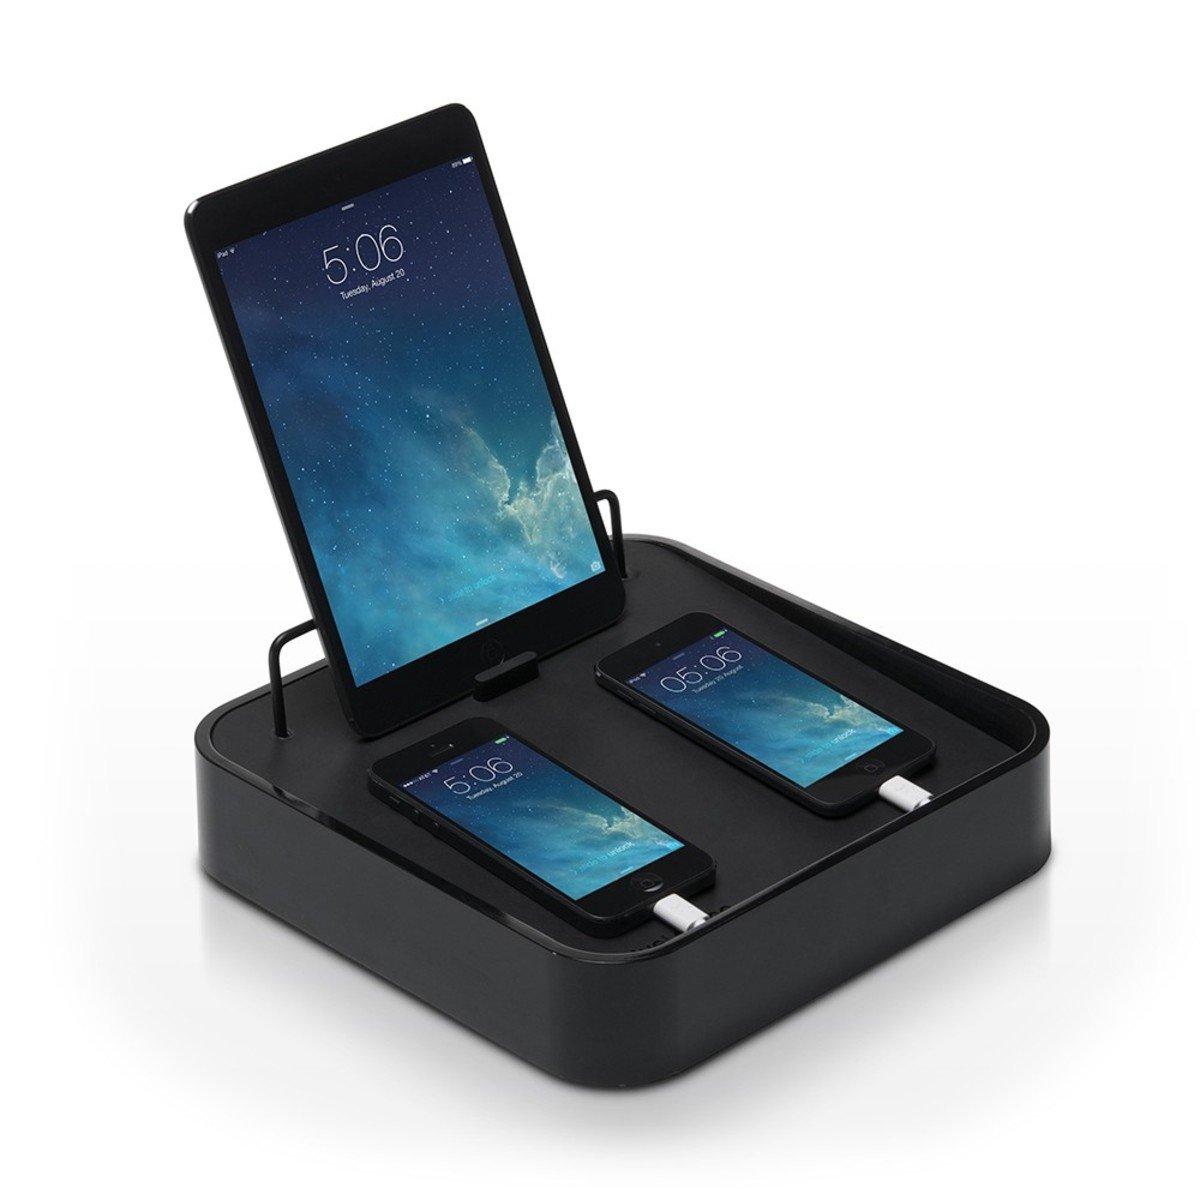 Sancturary 4 平板電腦和手提電話充電座- 黑色